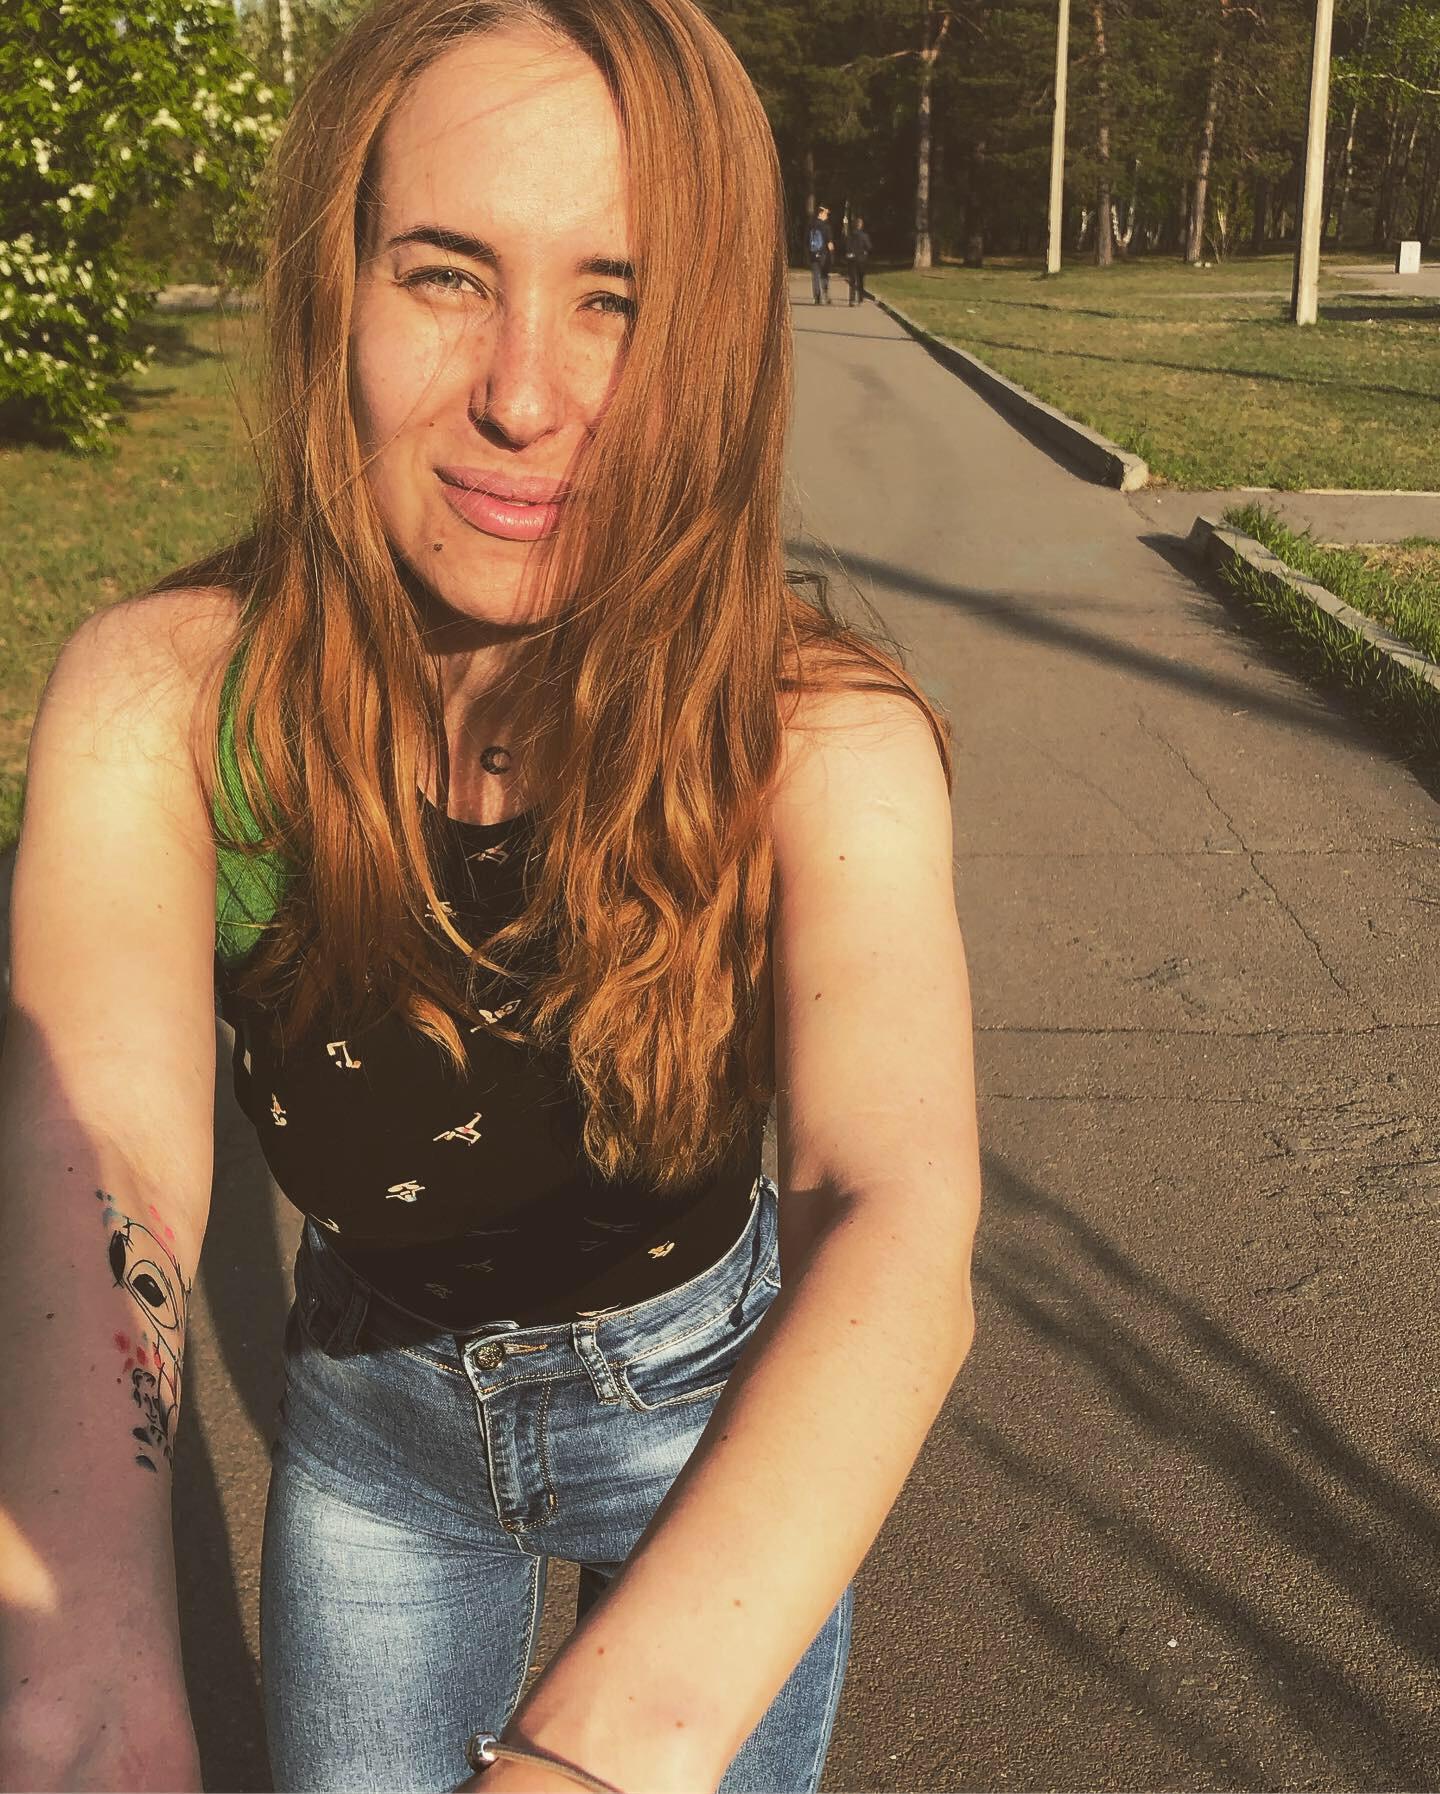 missisgracheva